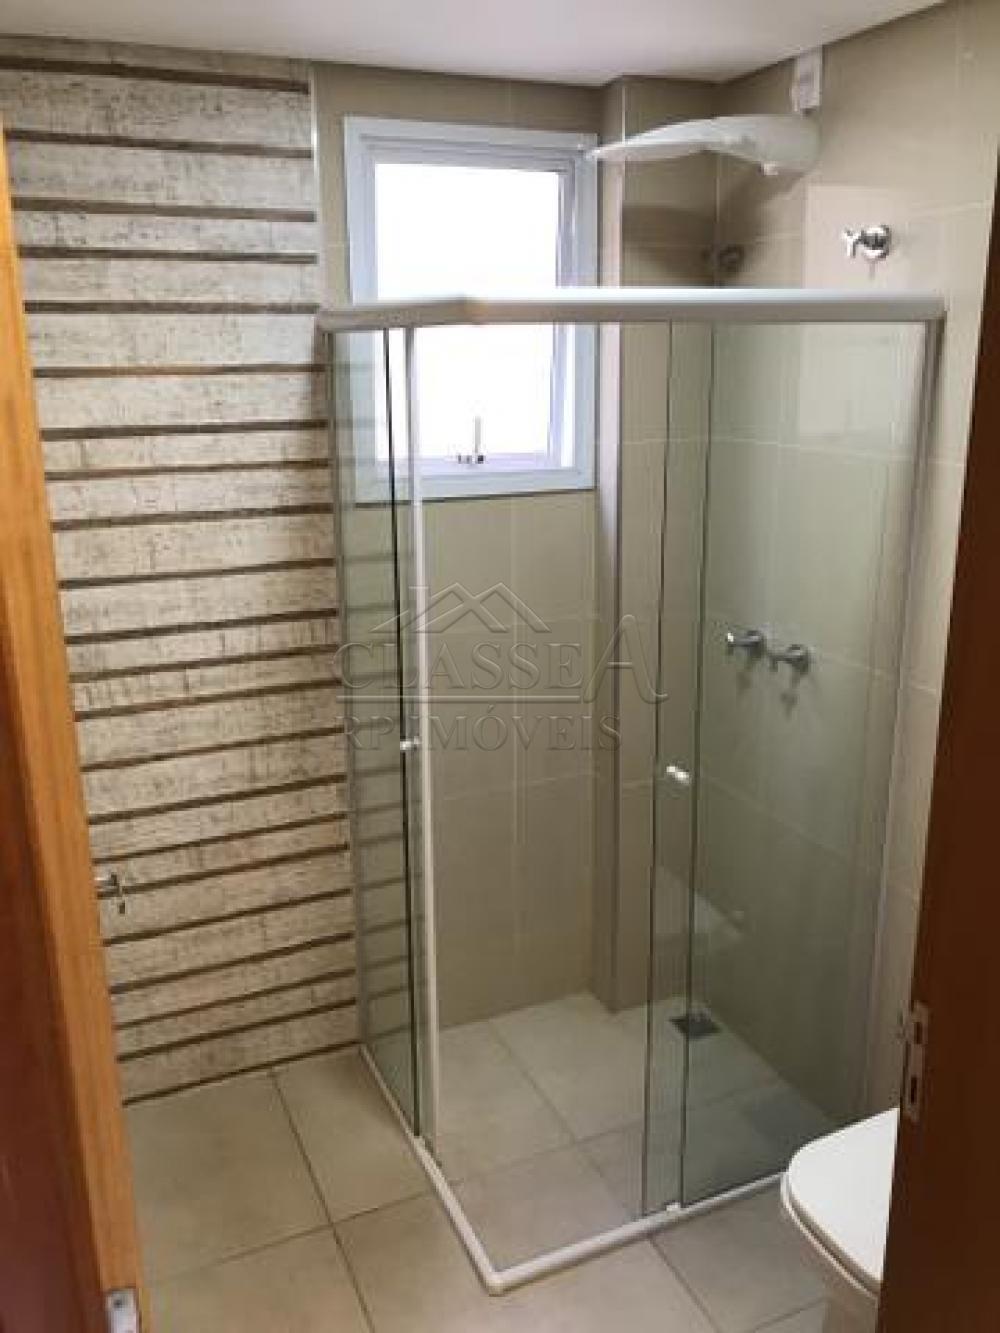 Comprar Casa / Condomínio - sobrado em Ribeirão Preto apenas R$ 1.050.000,00 - Foto 12